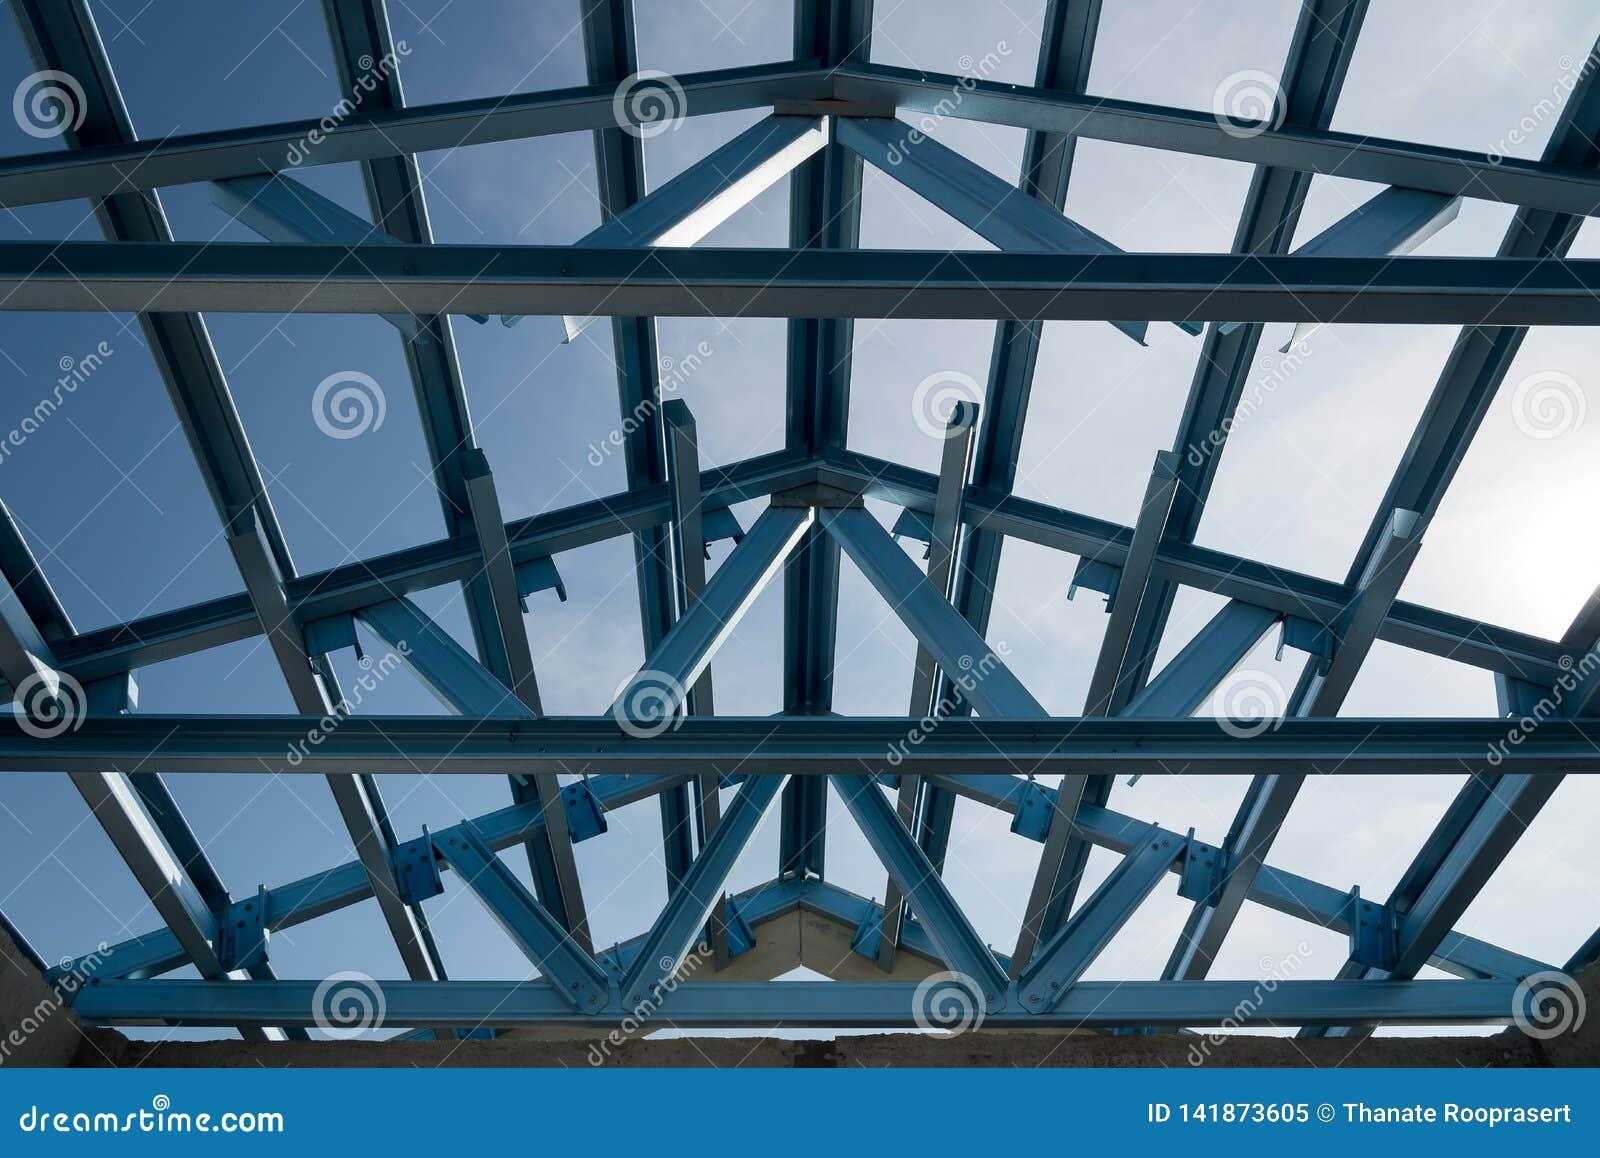 钢屋顶框架结构楼房建筑的